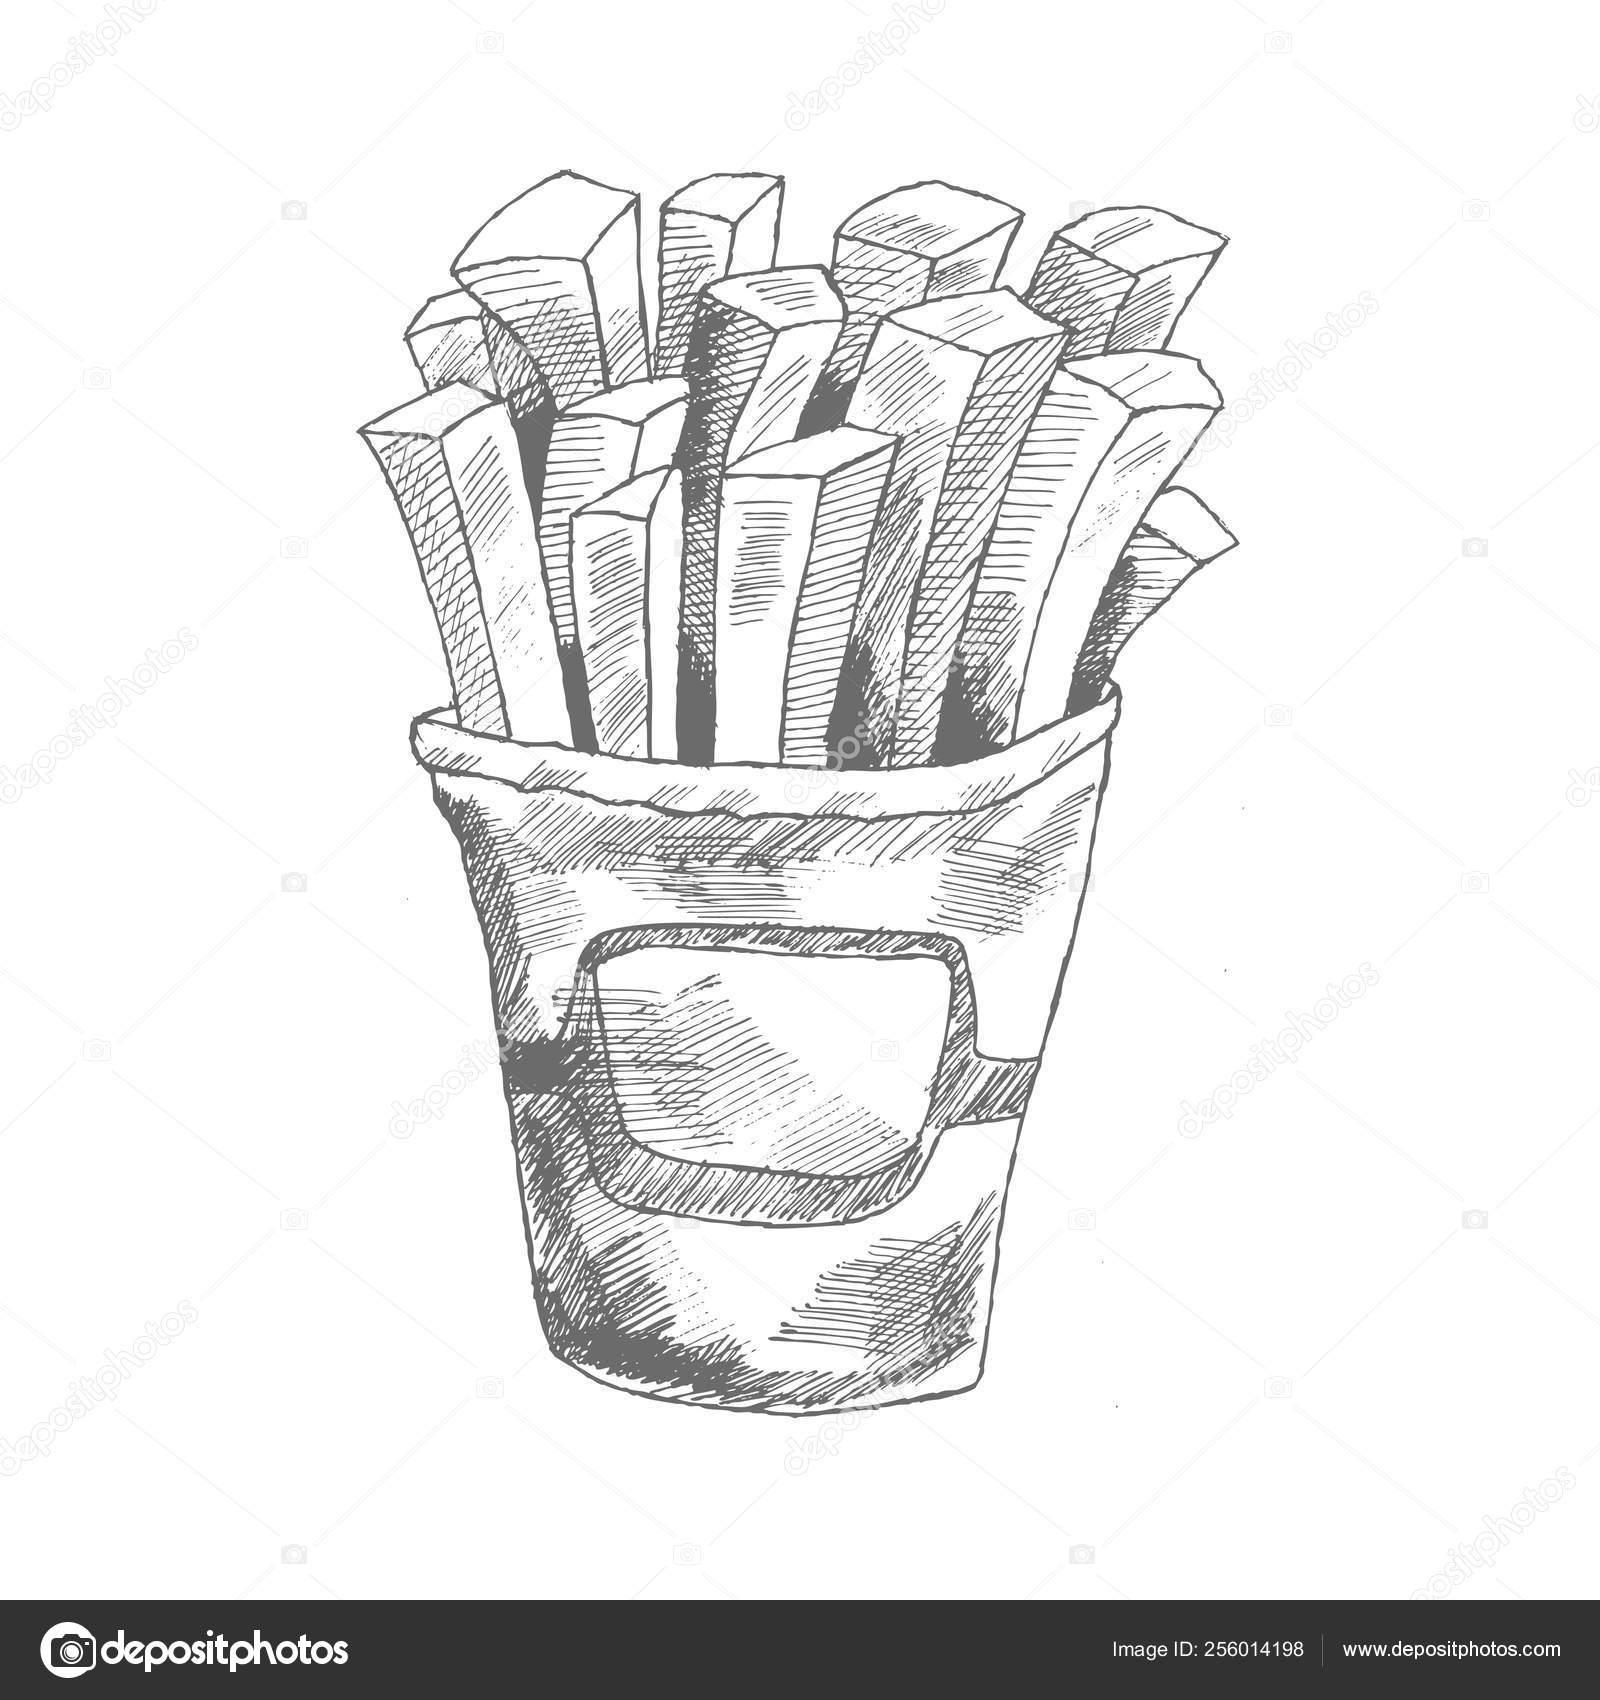 Ikon Gambar Tangan Kentang Stok Vektor Ilustrasi Ikon Gambar Tangan Kentang Bebas Royalti Halaman 14 Depositphotos